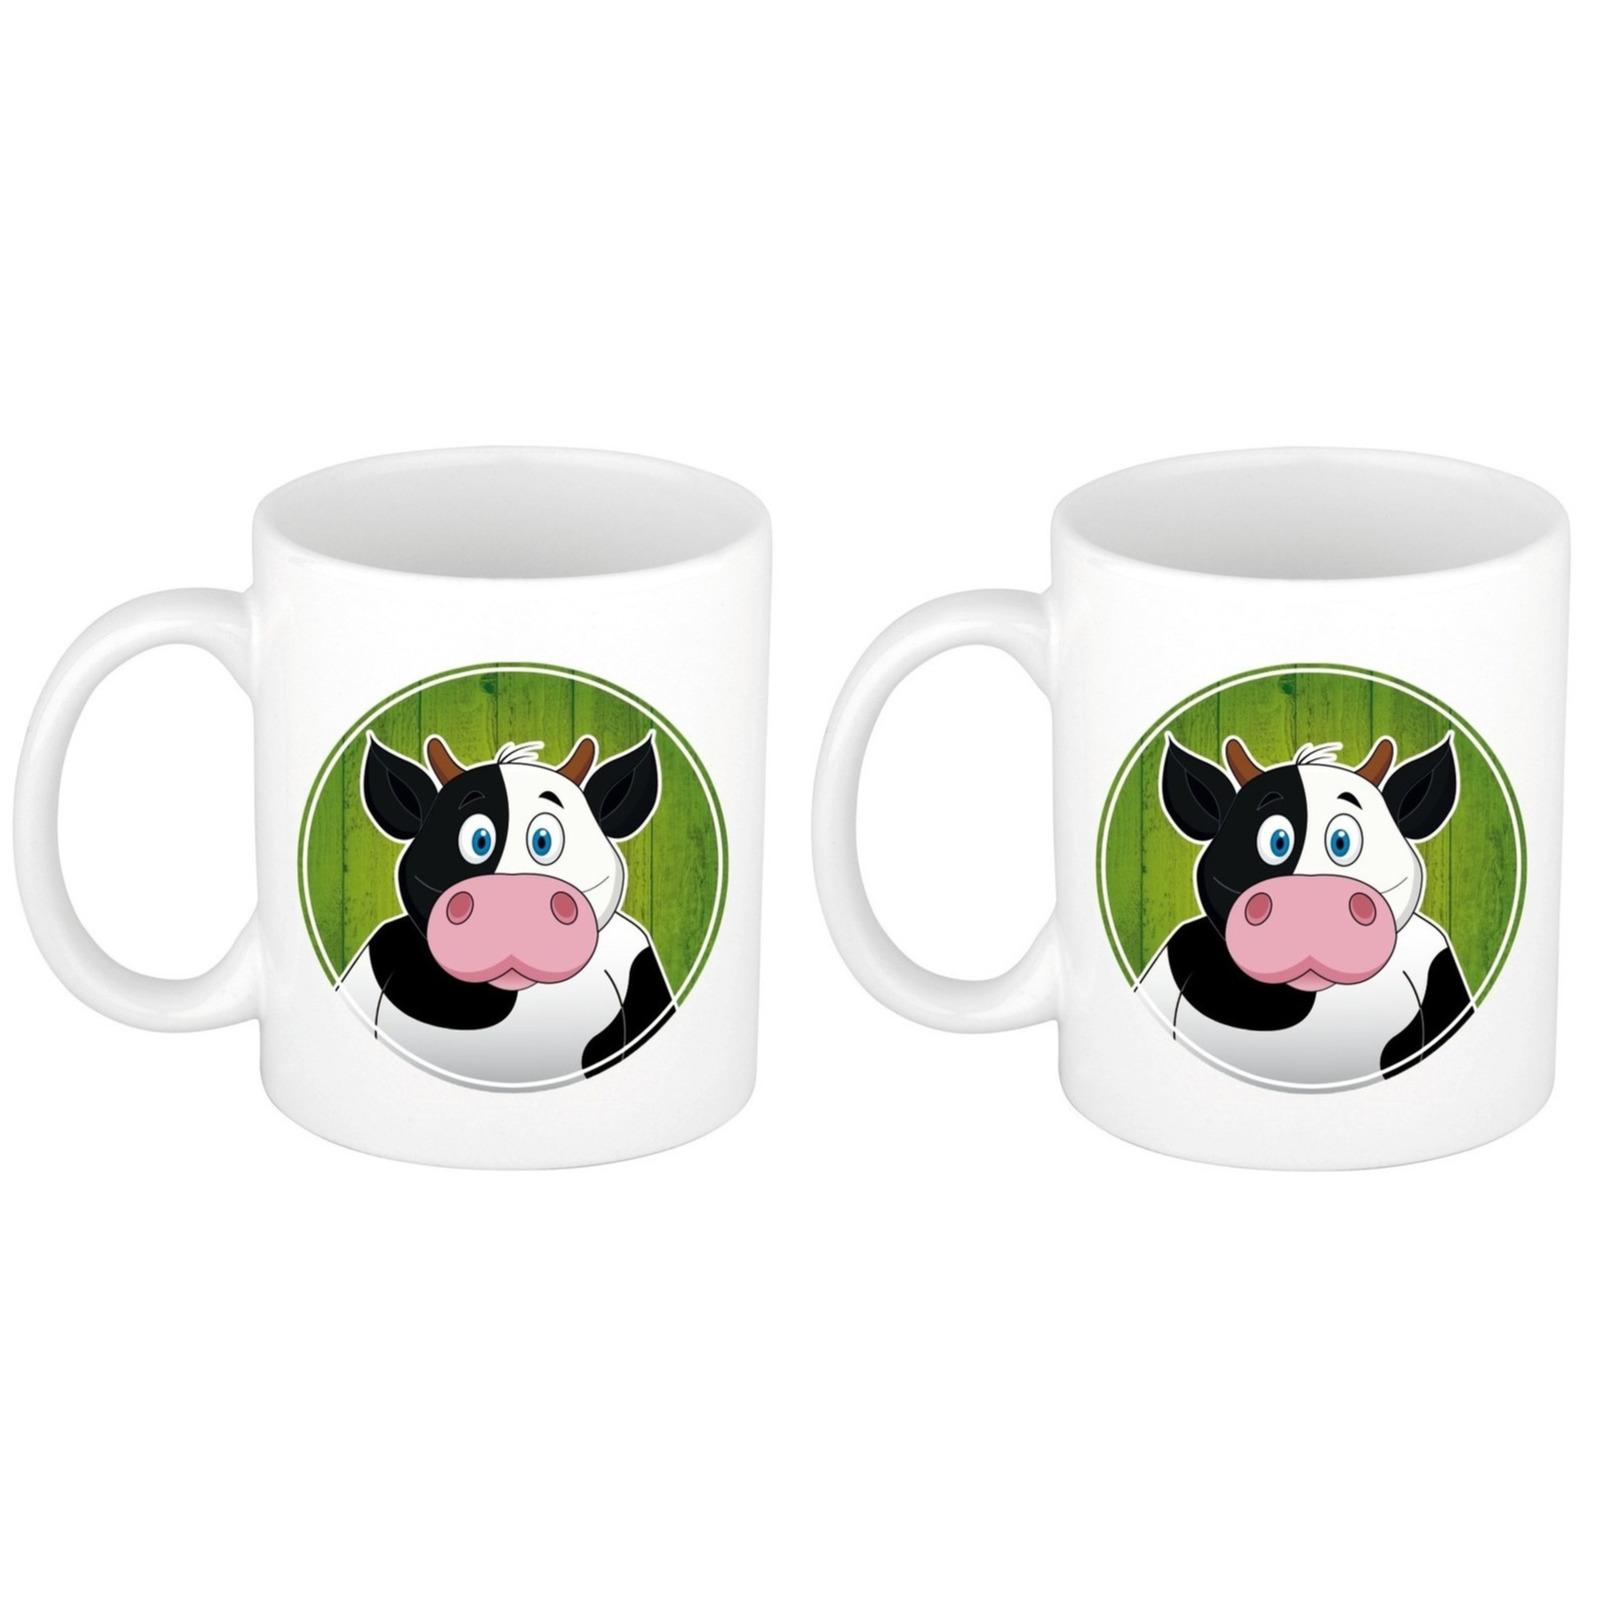 Voordeelset van 2x stuks koeien mokken - bekers voor kinderen 300 ml